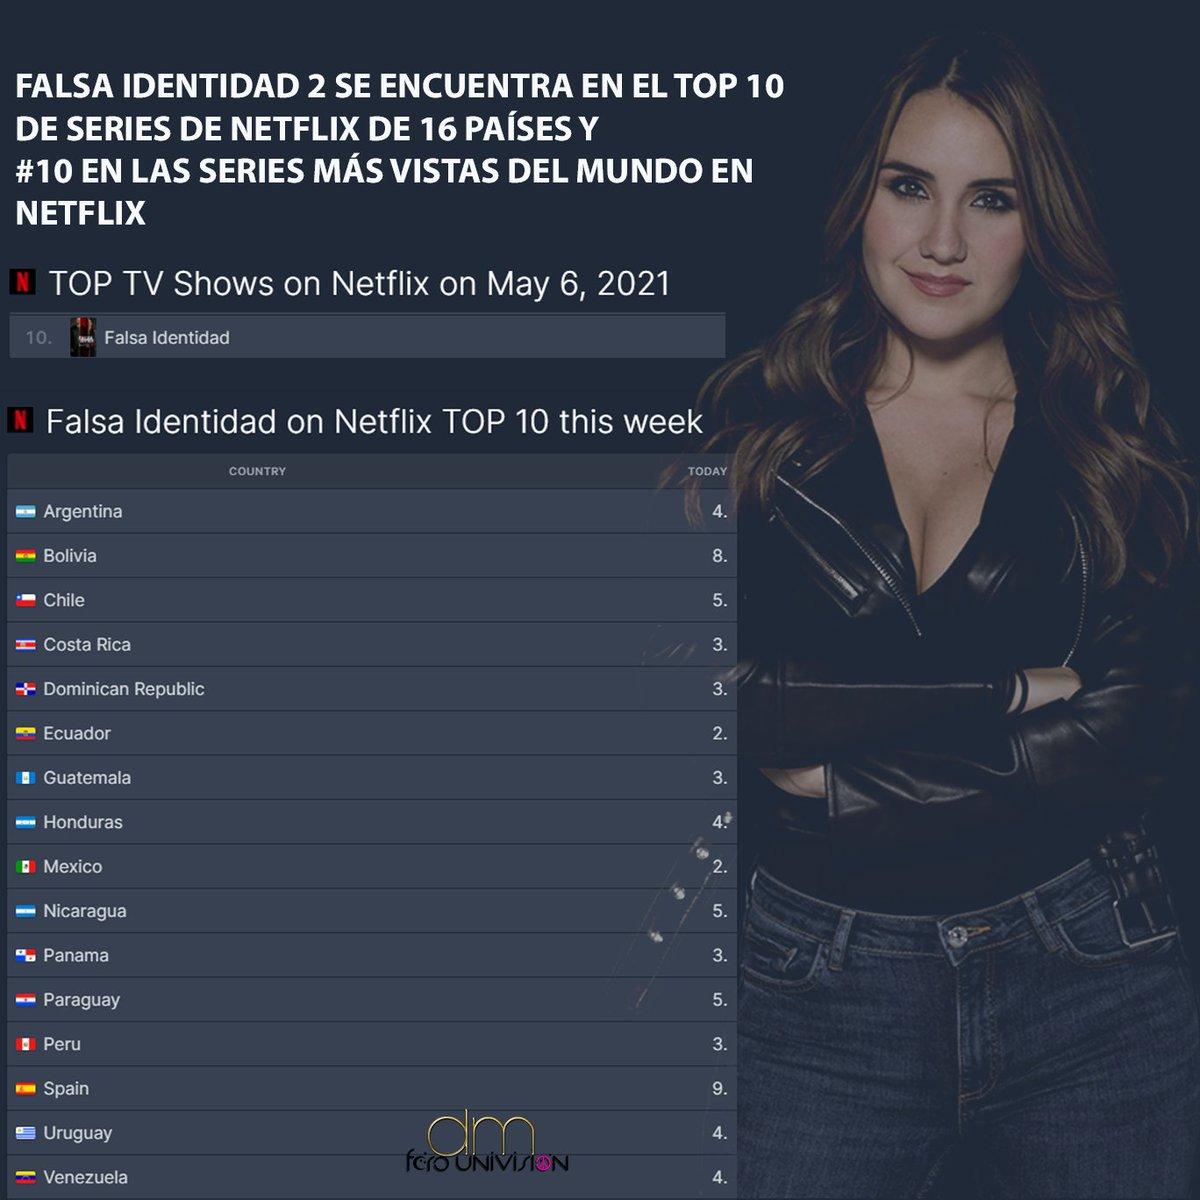 La segunda temporada de #FalsaIdentidad se mantiene estable en el Top 10 de series de 16 países🇦🇷🇧🇴🇨🇱🇨🇷🇩🇴🇪🇨🇬🇹🇭🇳🇲🇽🇳🇮🇵🇦🇵🇾🇵🇪🇪🇸🇺🇾🇻🇪 y #10 en las series más vistas del mundo en Netflix por tercer día consecutivo🌎 @DulceMaria https://t.co/7UCIp2S1EJ